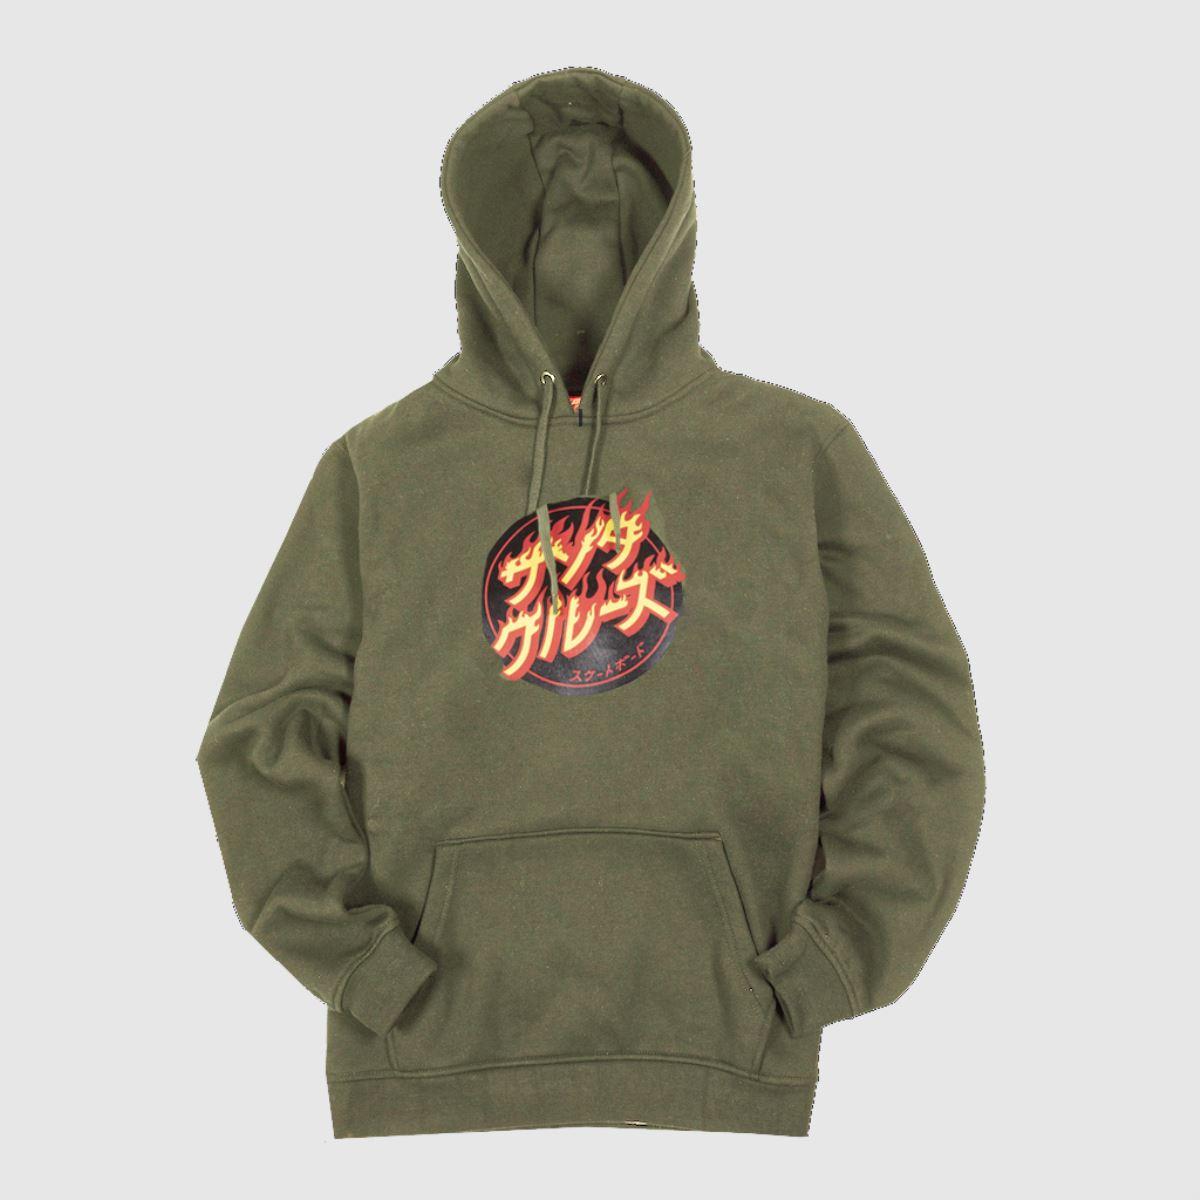 Santa Cruz Clothing Santa Cruz Khaki Flaming Japenese